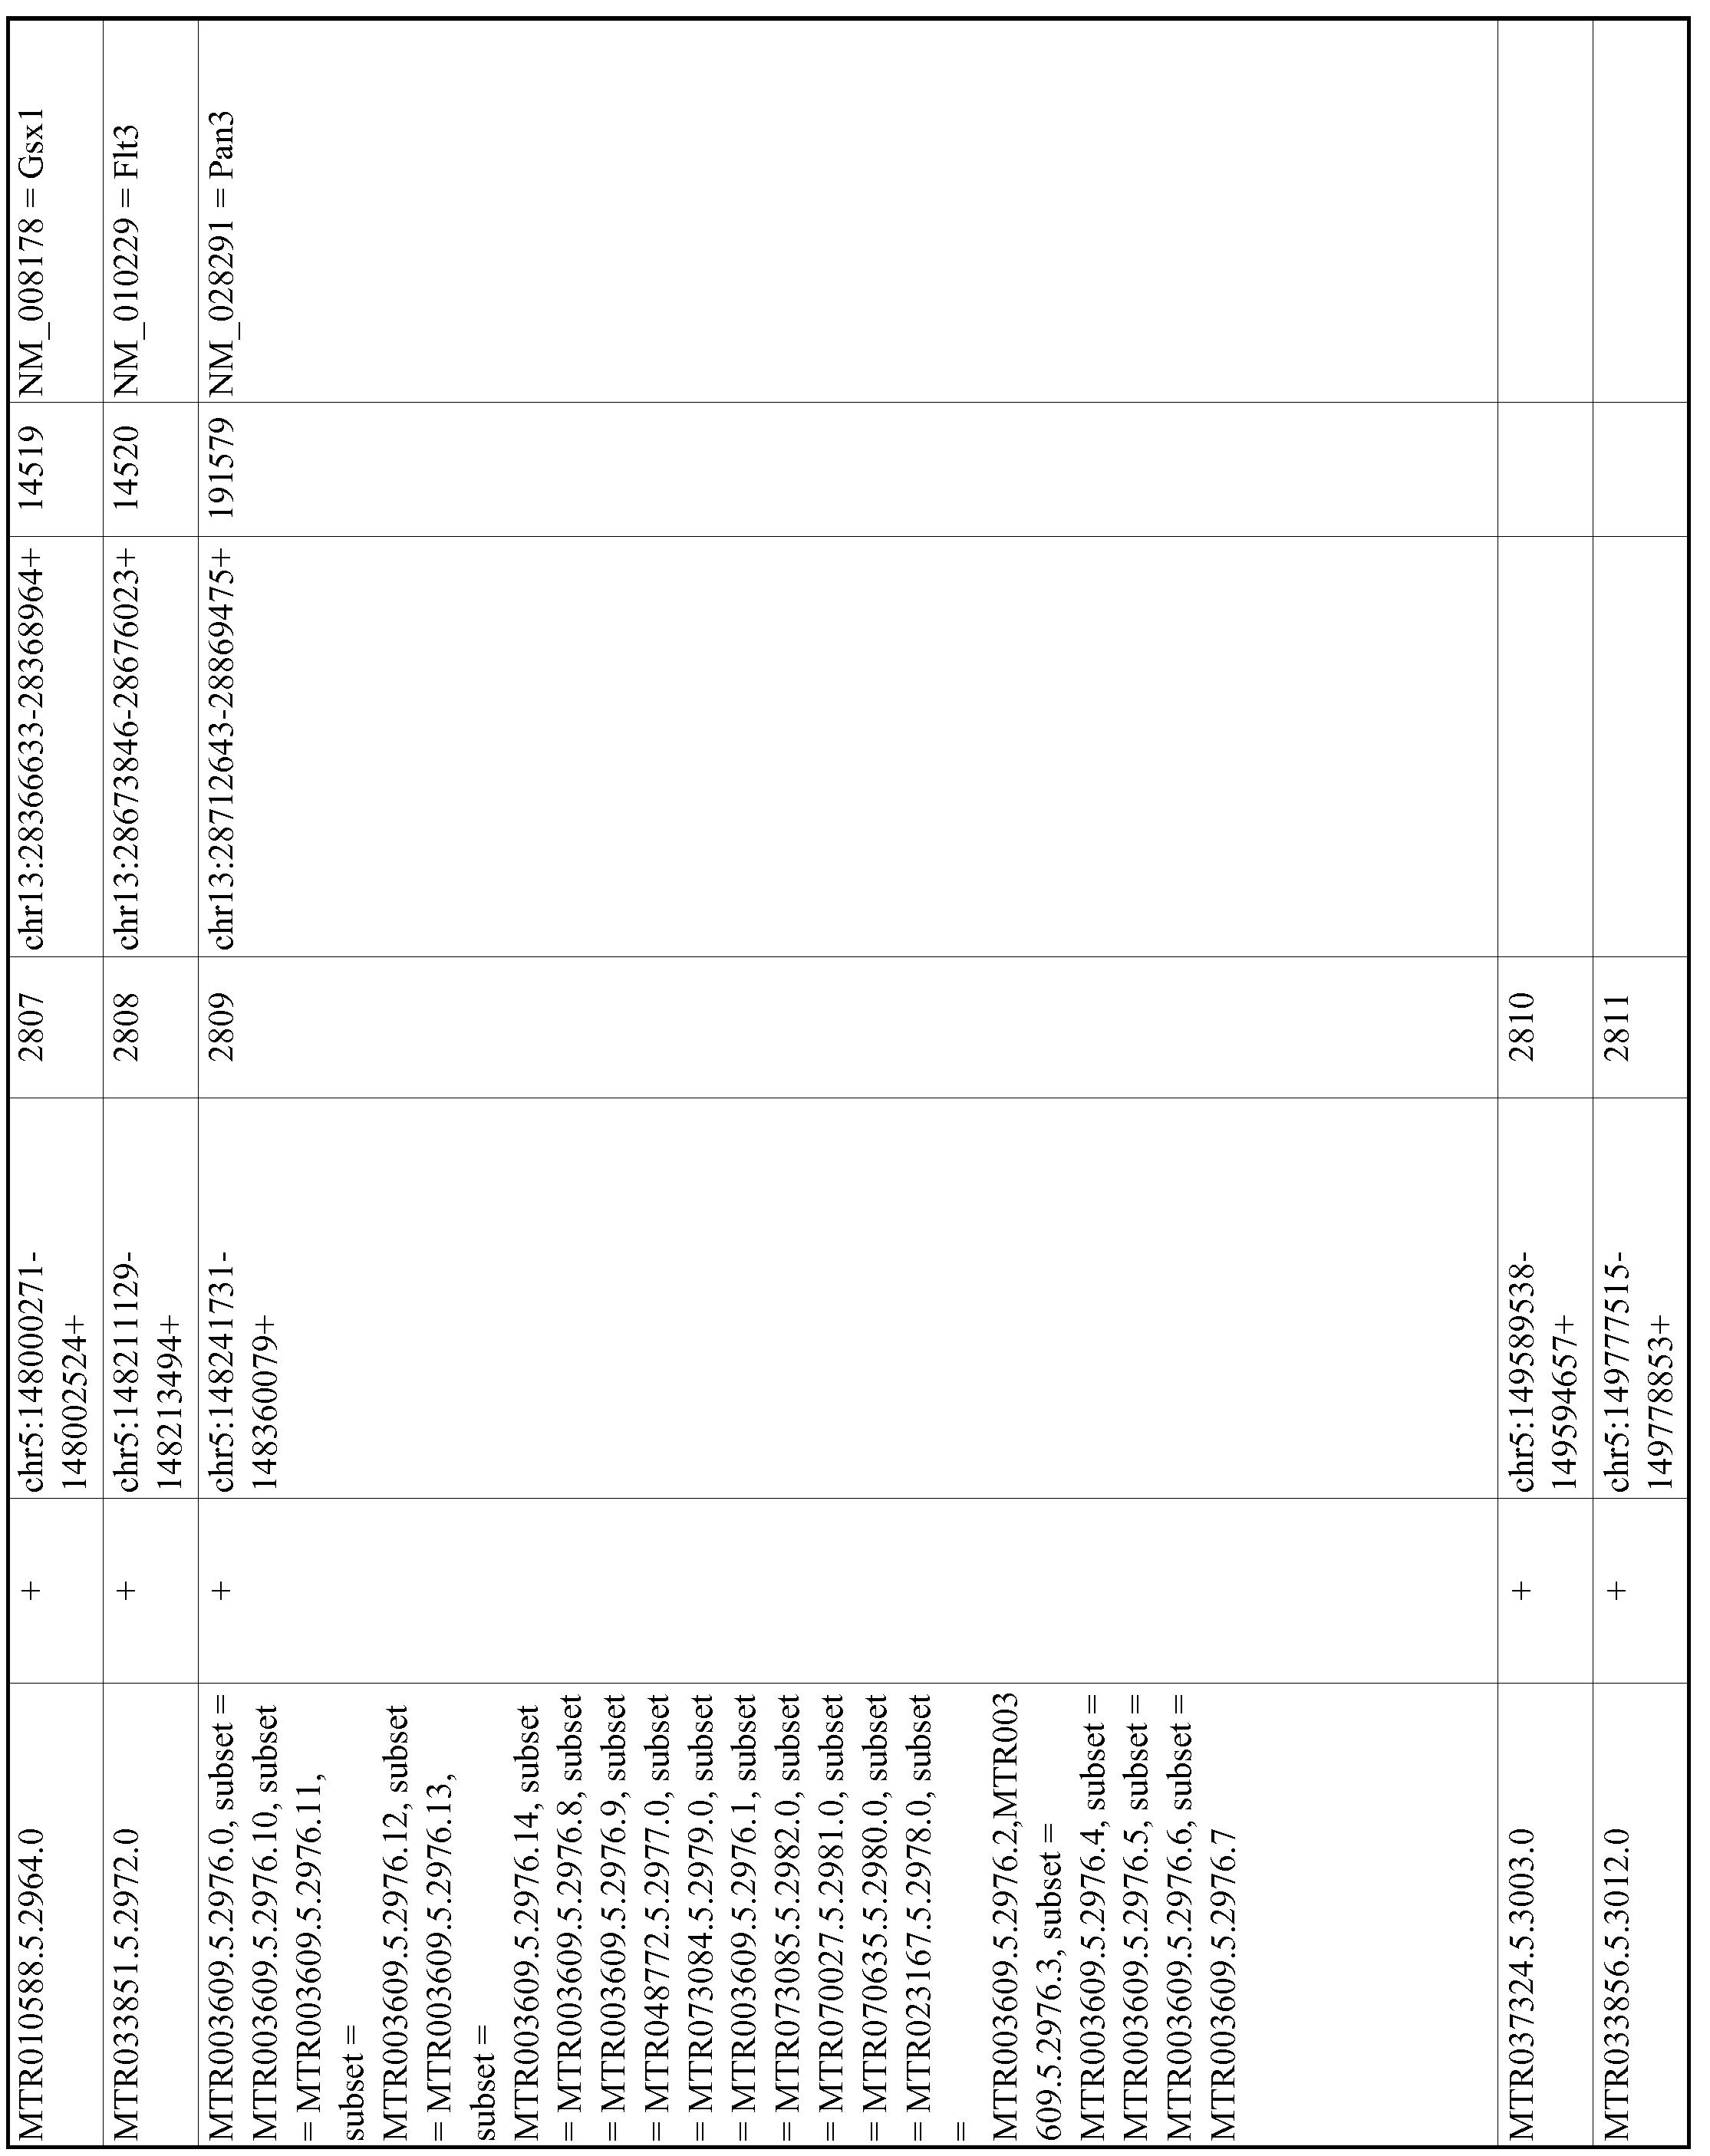 Figure imgf000578_0001